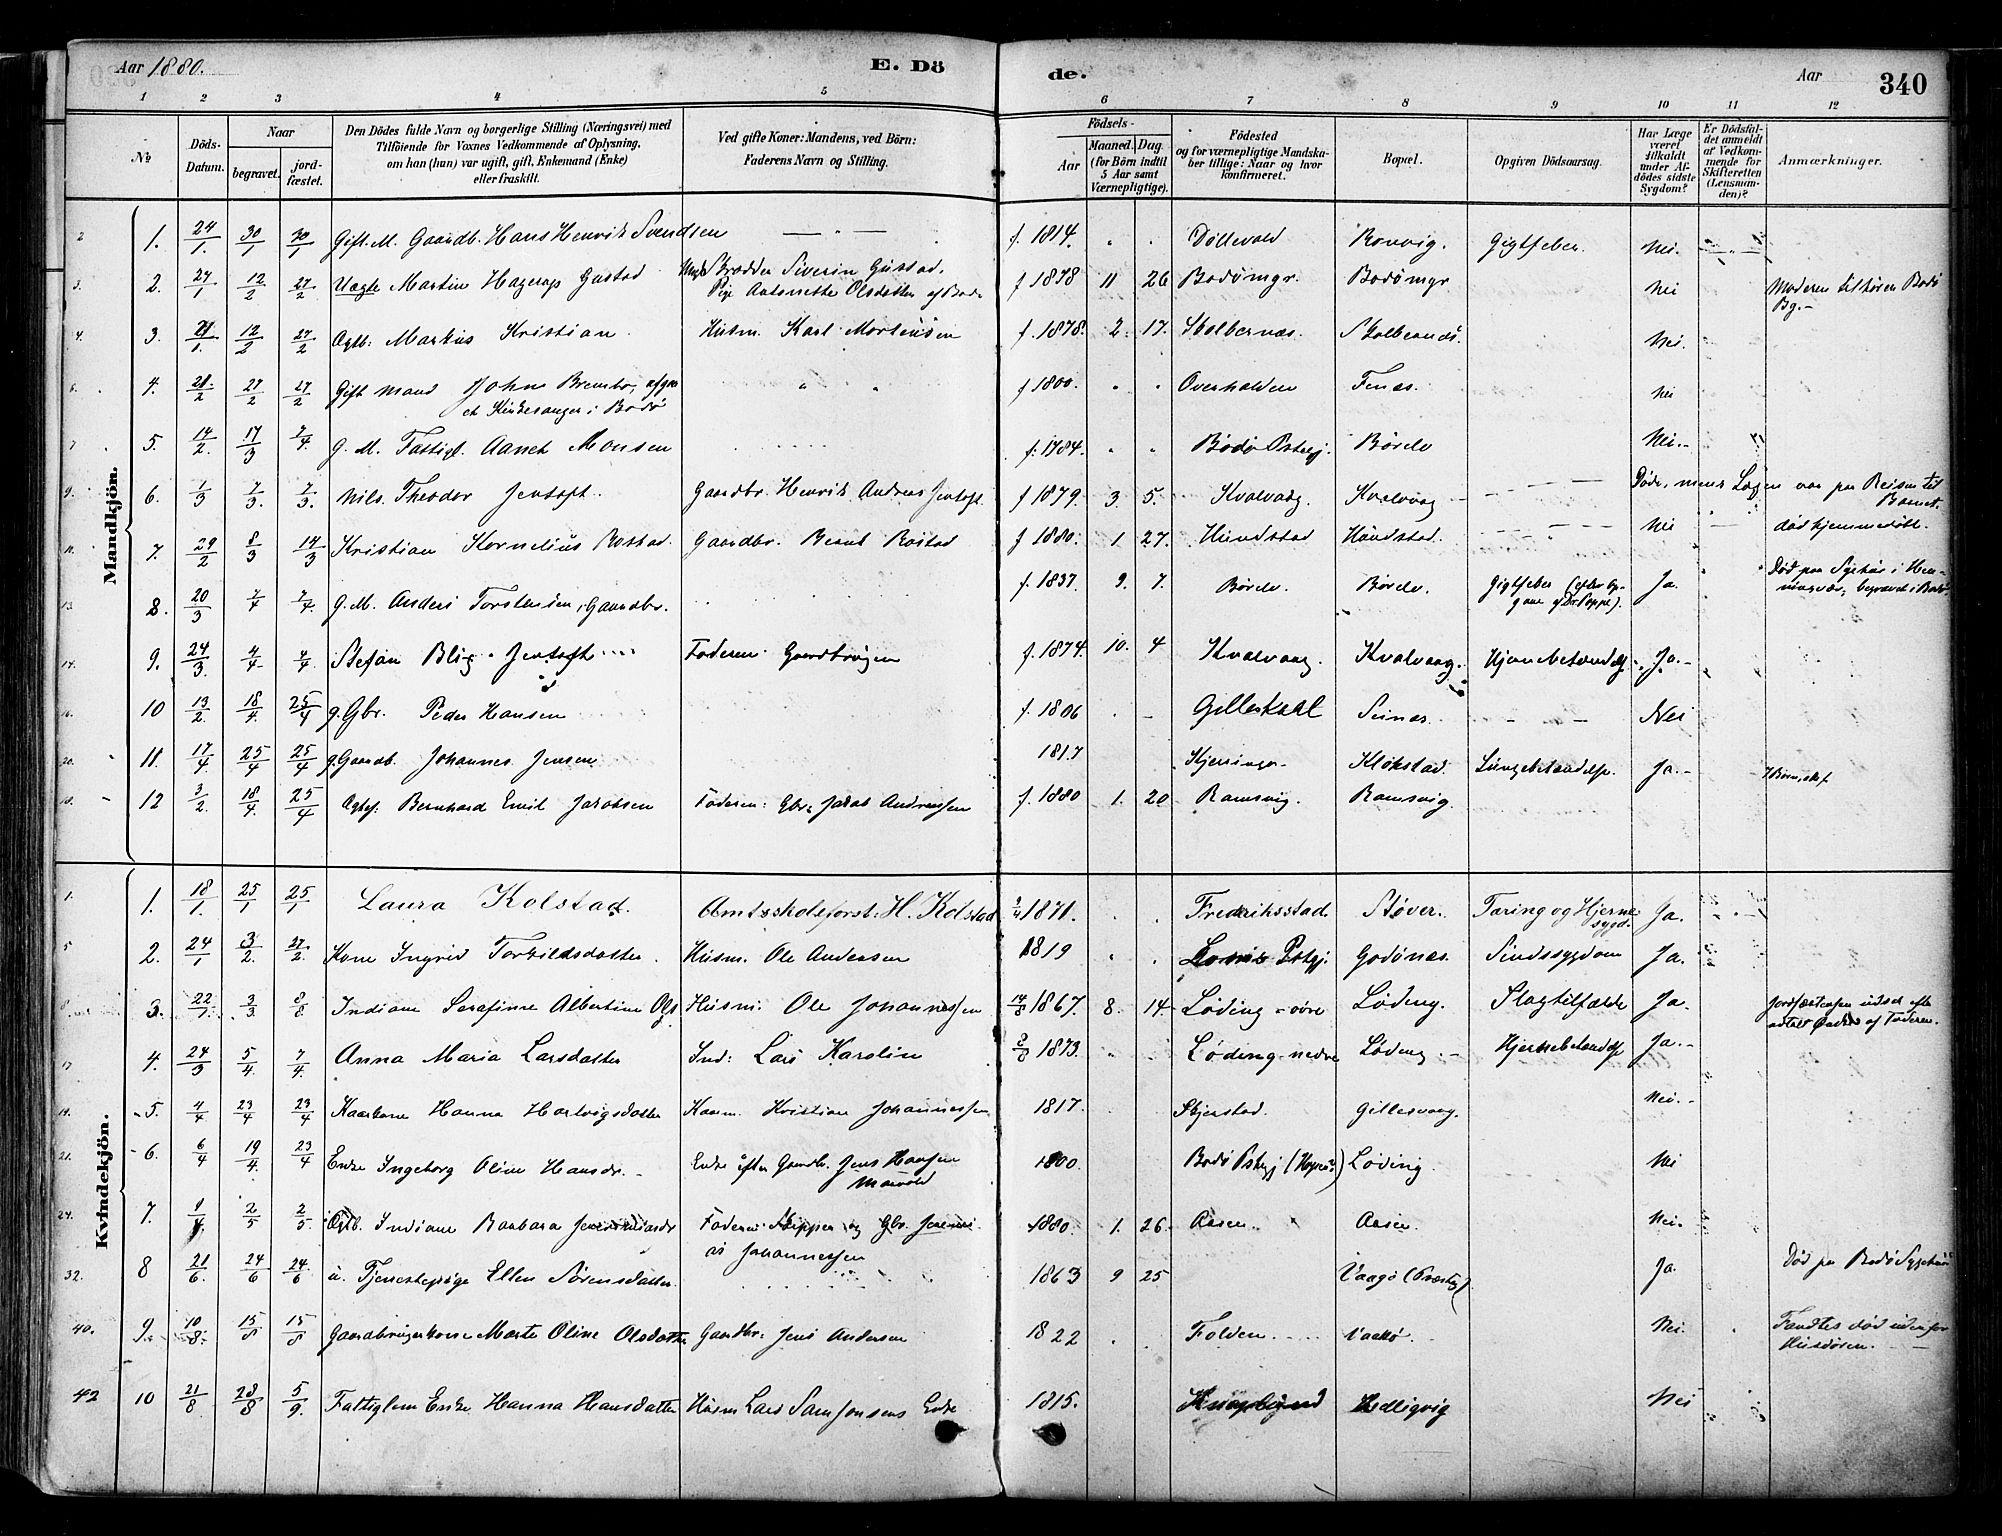 SAT, Ministerialprotokoller, klokkerbøker og fødselsregistre - Nordland, 802/L0054: Parish register (official) no. 802A01, 1879-1893, p. 340